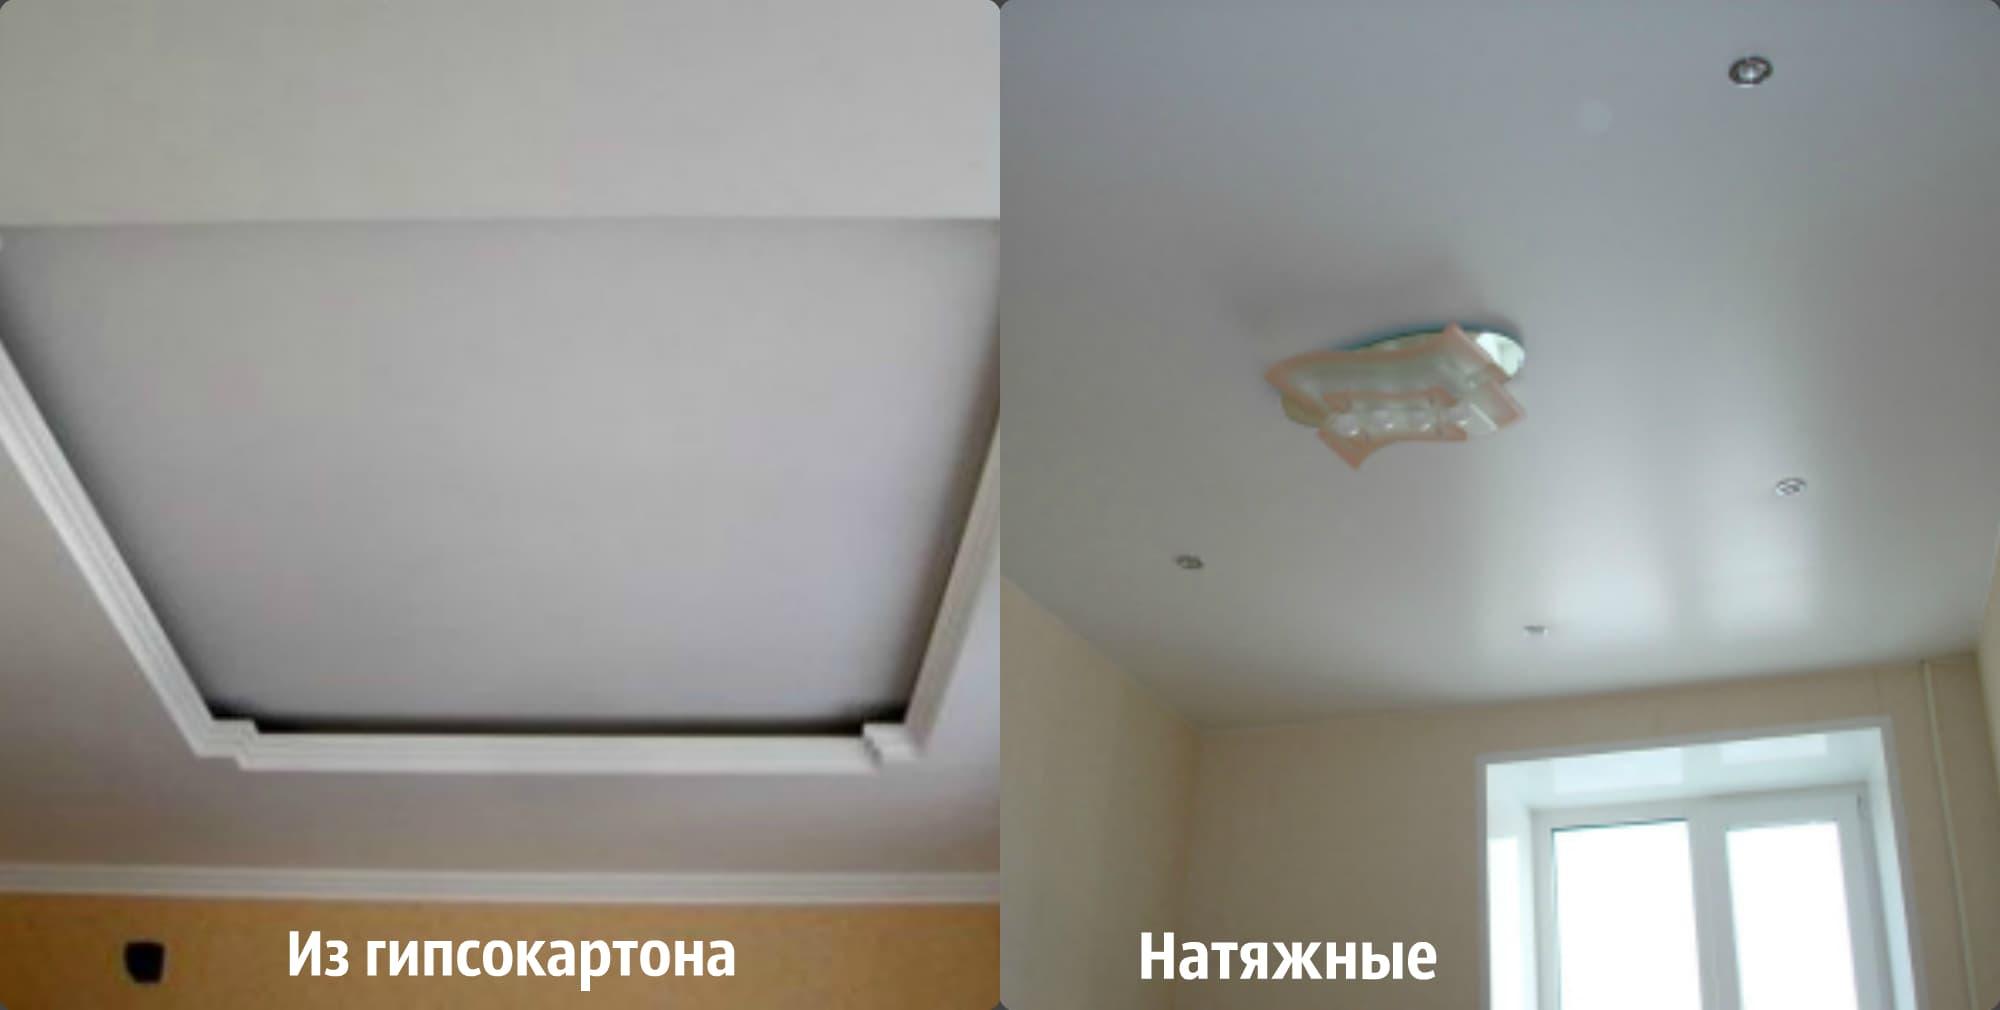 Какой потолок лучше, натяжной или из гипсокартона